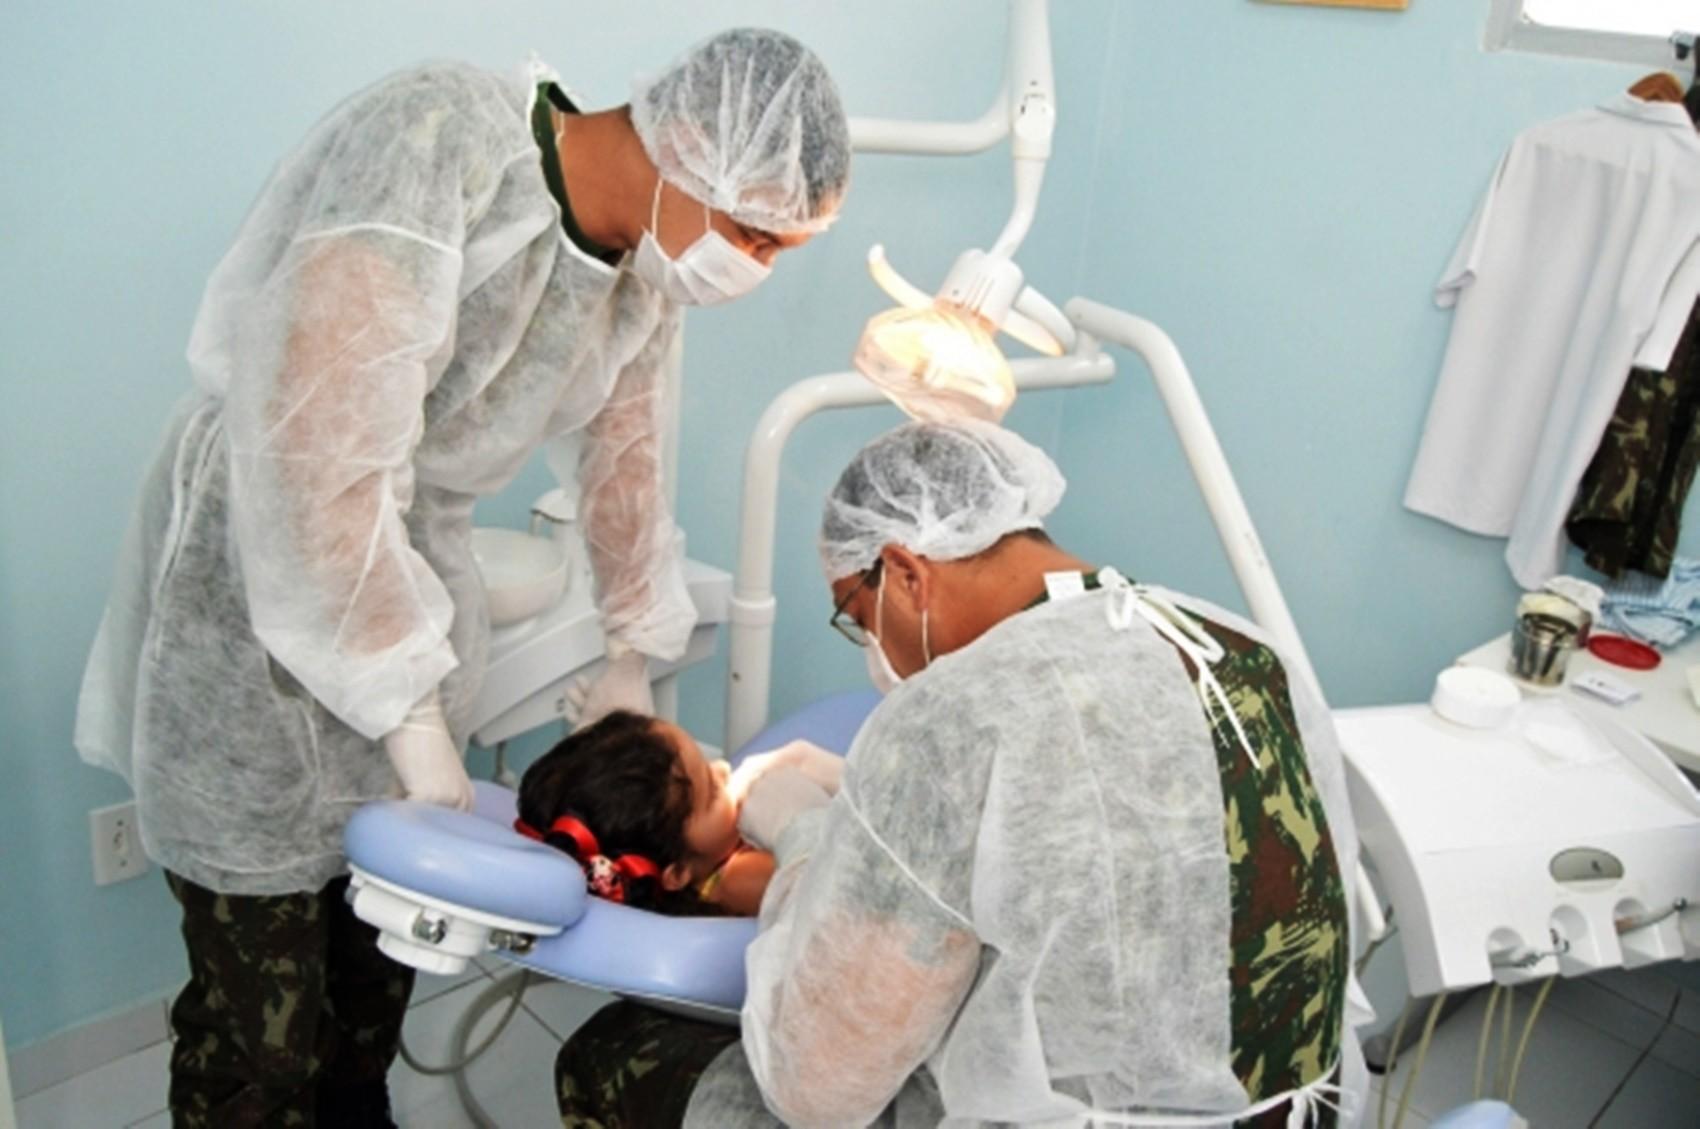 Exército realiza atendimentos de saúde gratuitos em Mãe Luíza, em Natal - Notícias - Plantão Diário